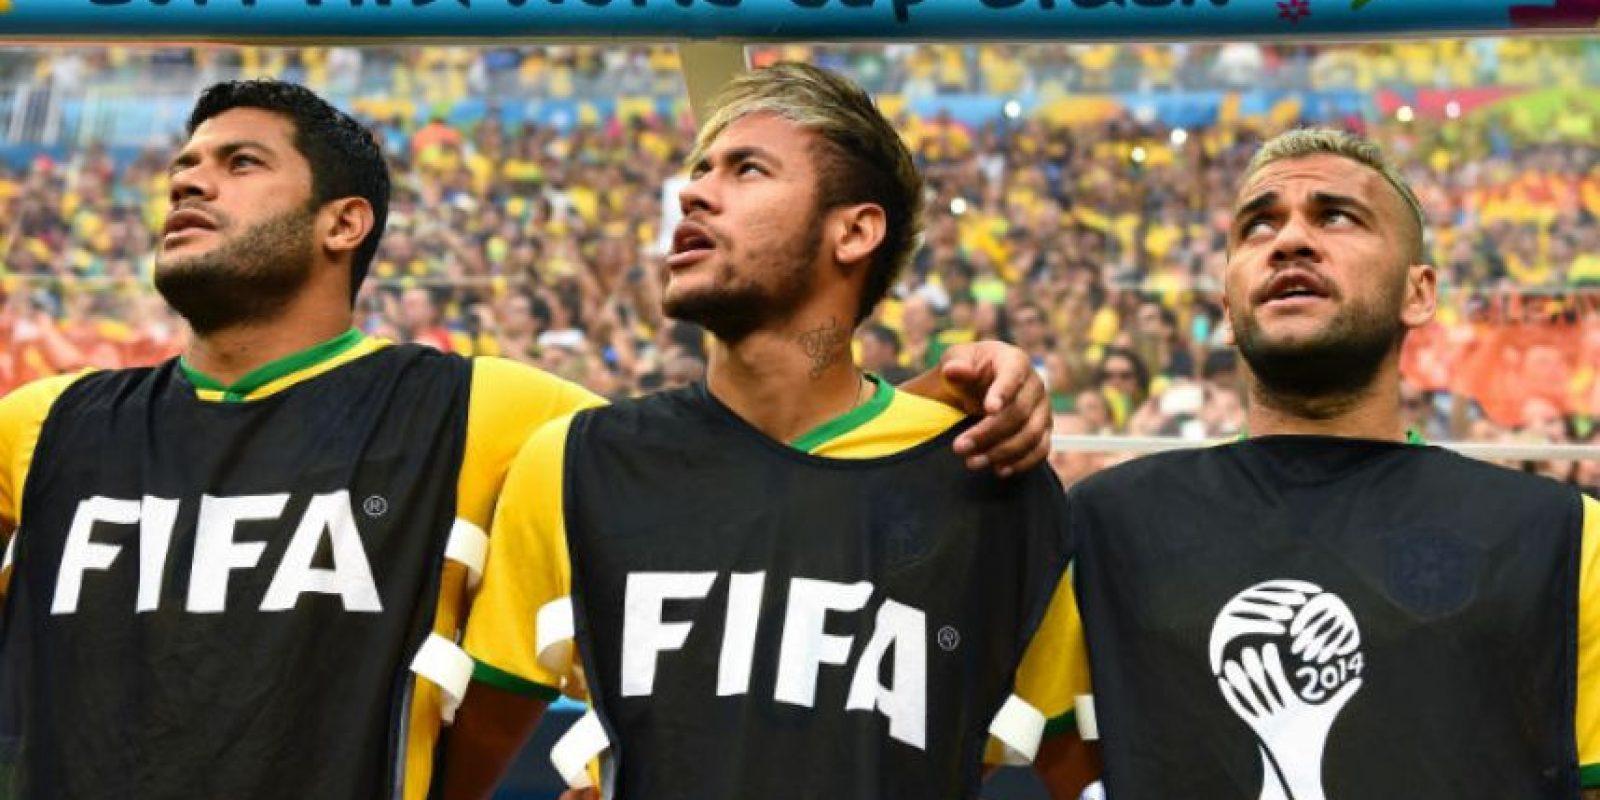 El brasileño mandó sus mejores deseos a sus seguidores Foto:Getty